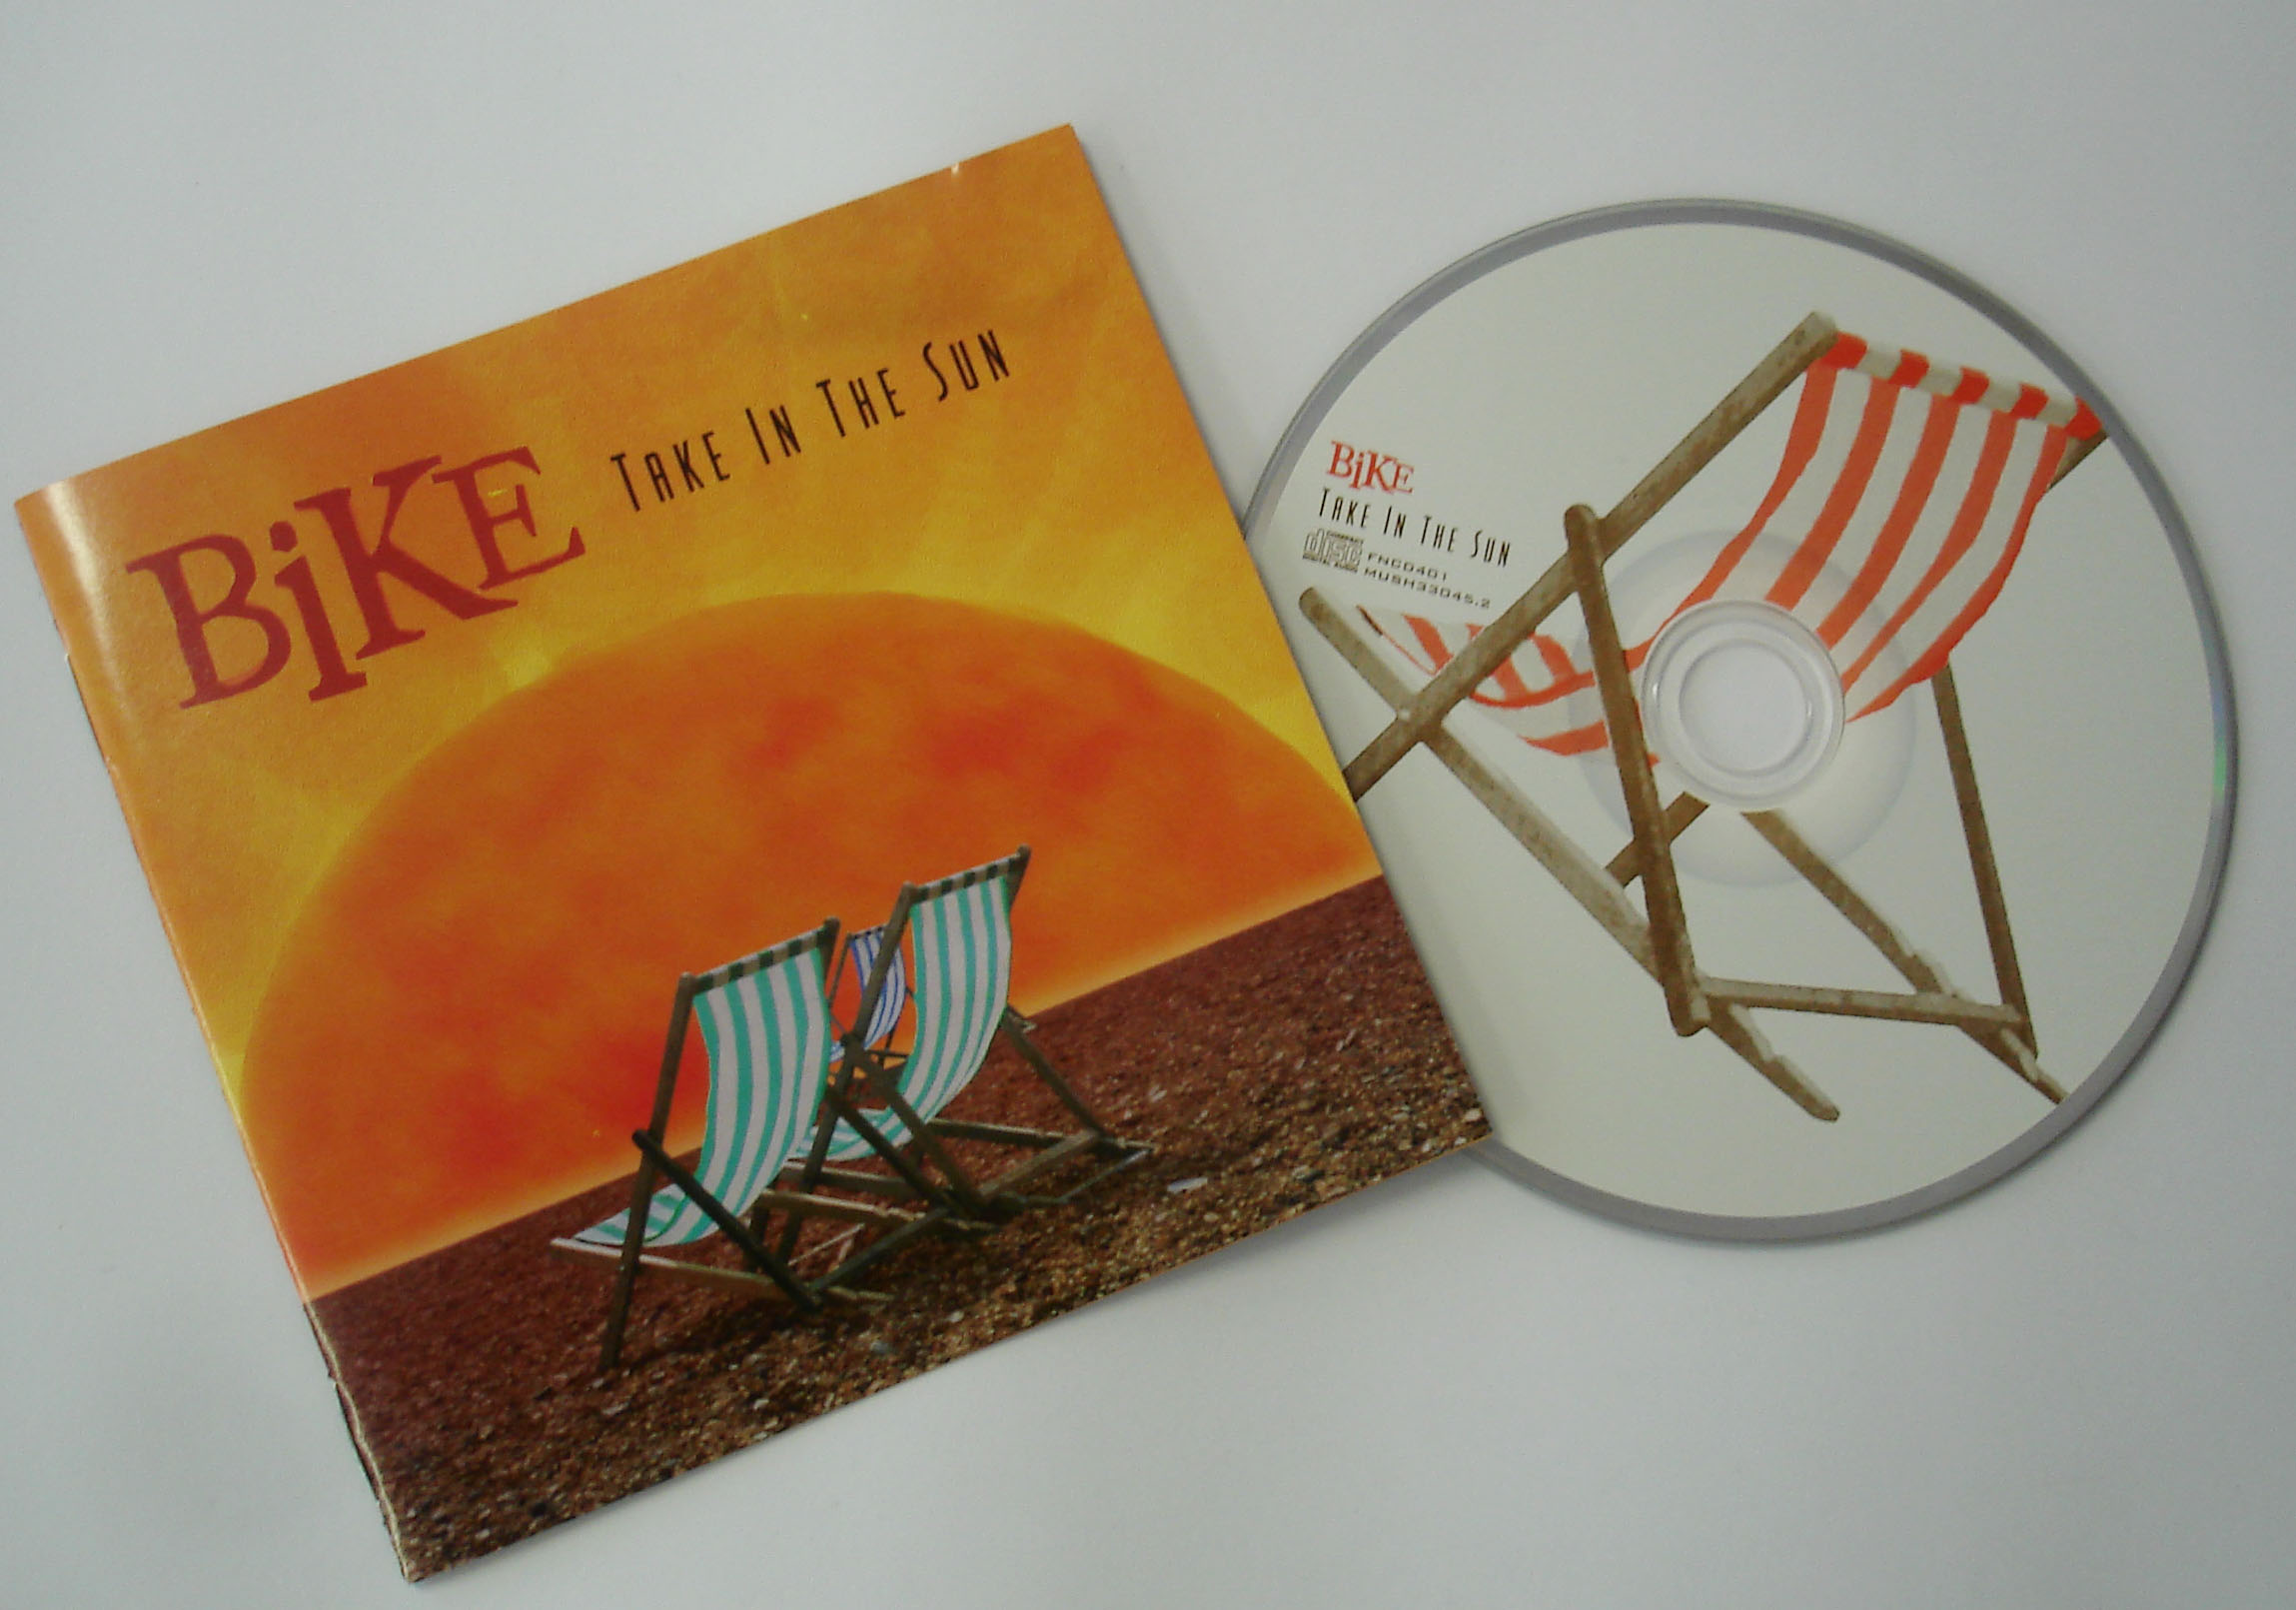 BIKE - TAKE IN THE SUN